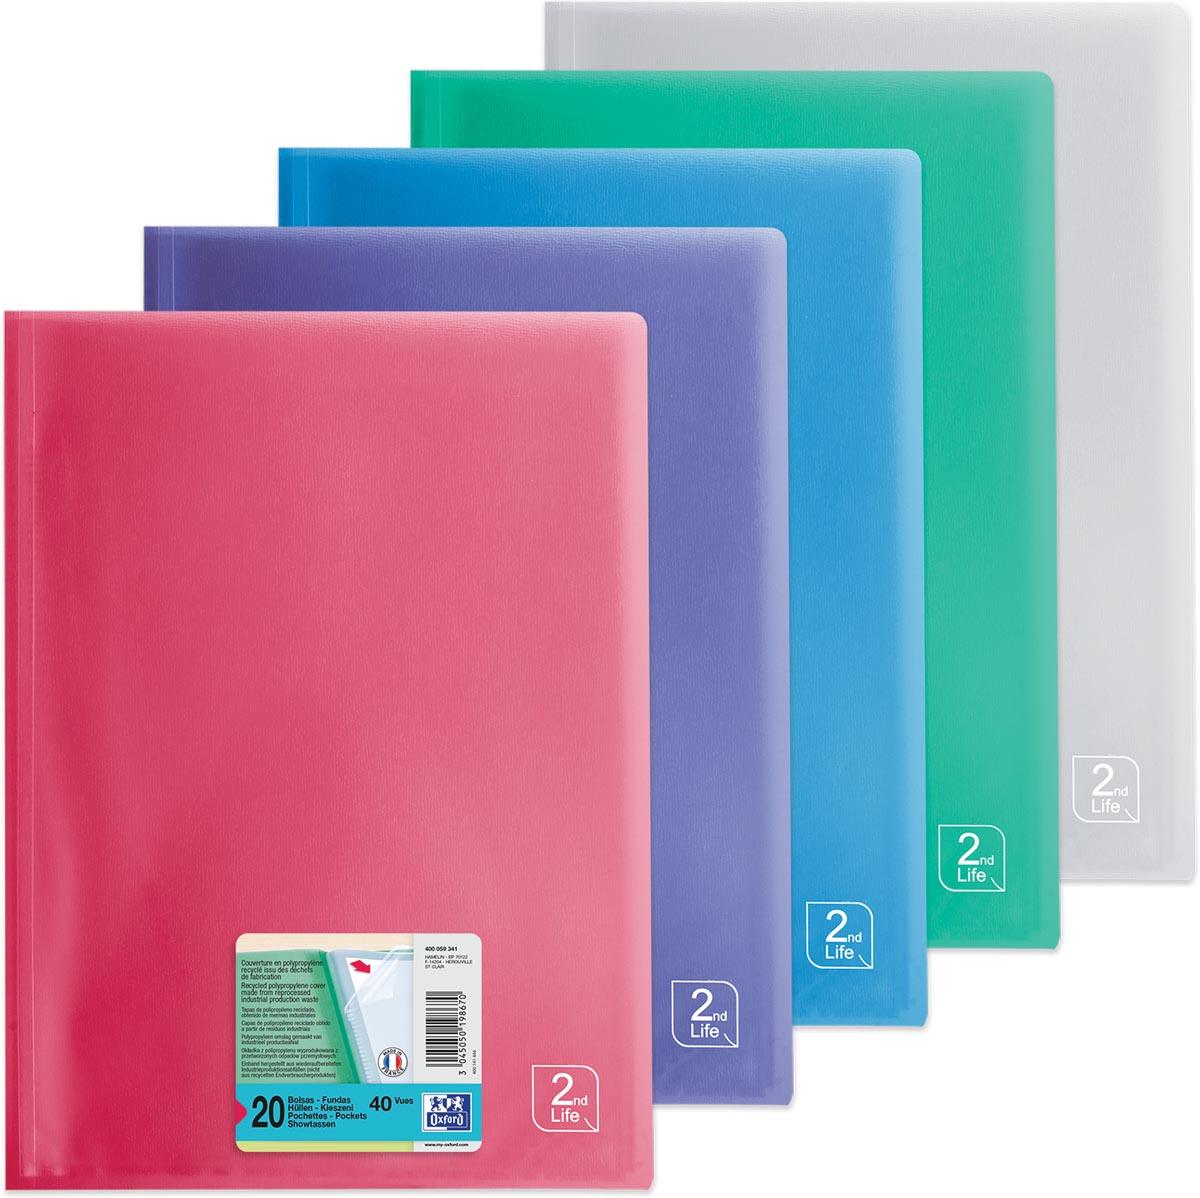 OXFORD 2nd Life presentatiealbum, formaat A4, uit PP, met 20 tassen, geassorteerde kleuren